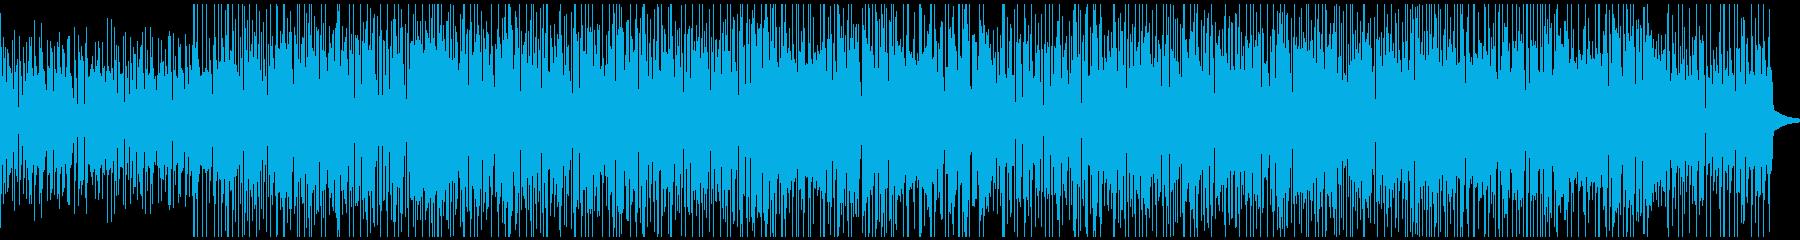 お調子者 トーク ギター ブルースの再生済みの波形